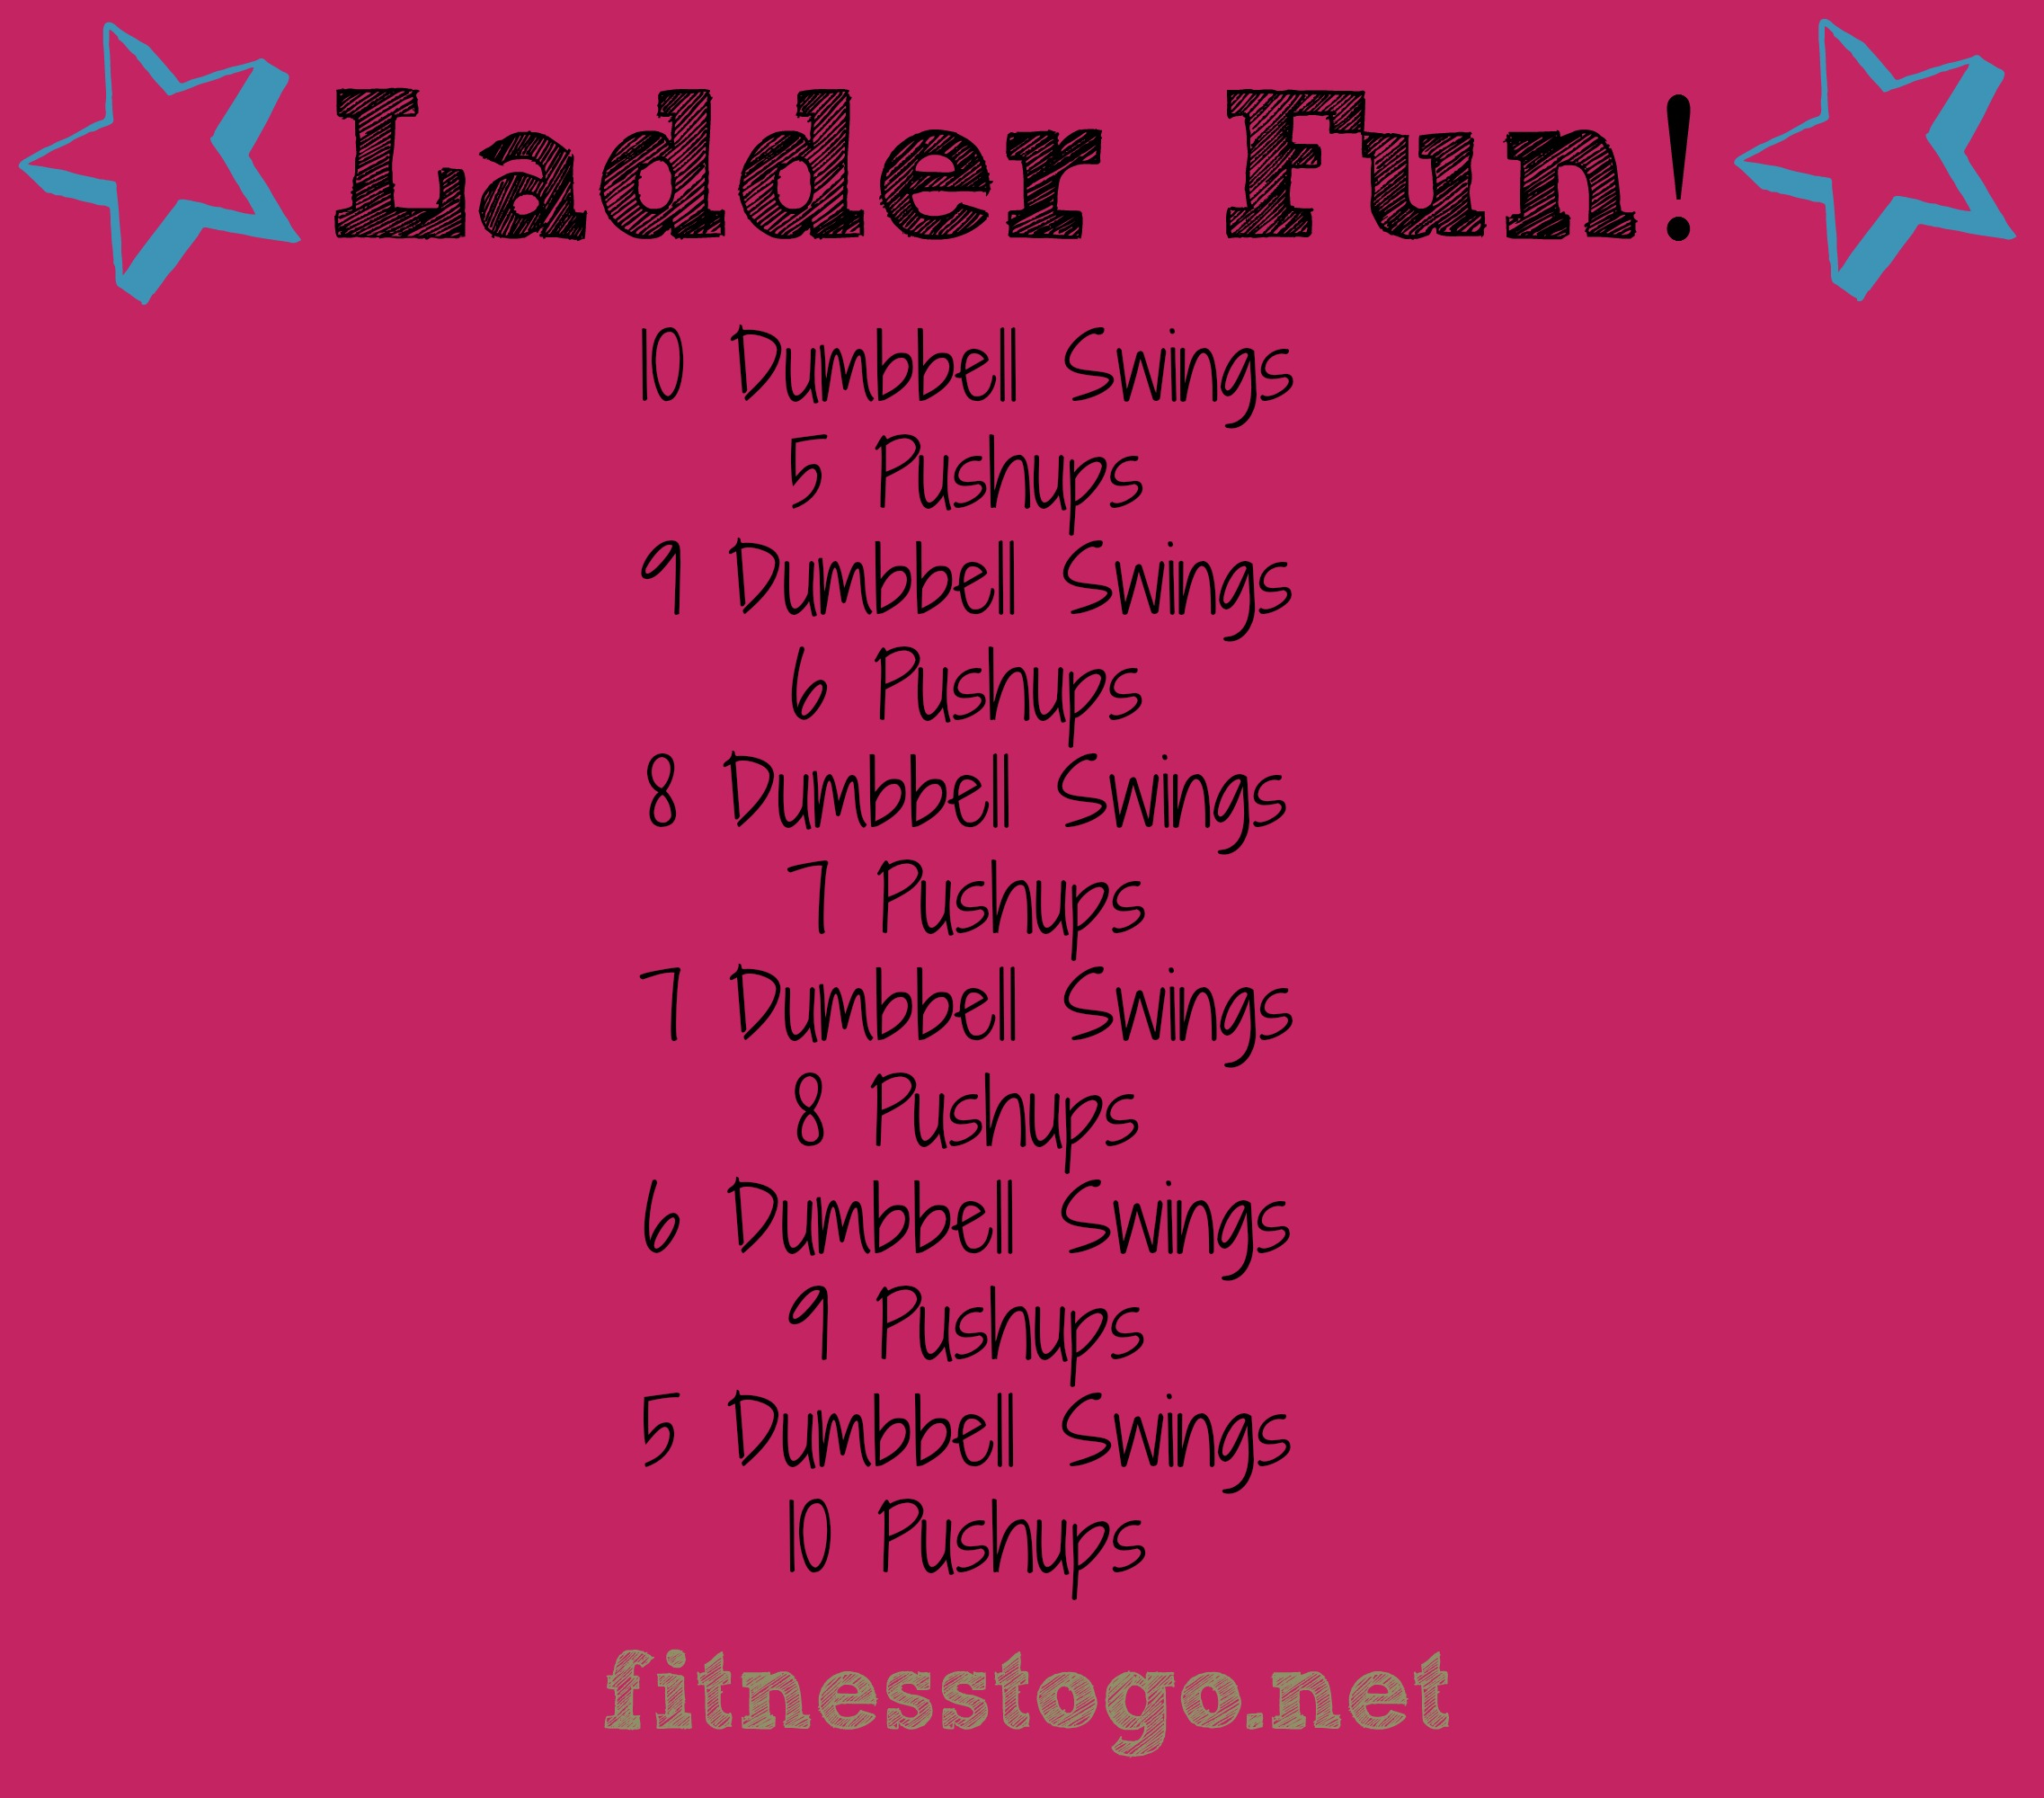 ladder fun